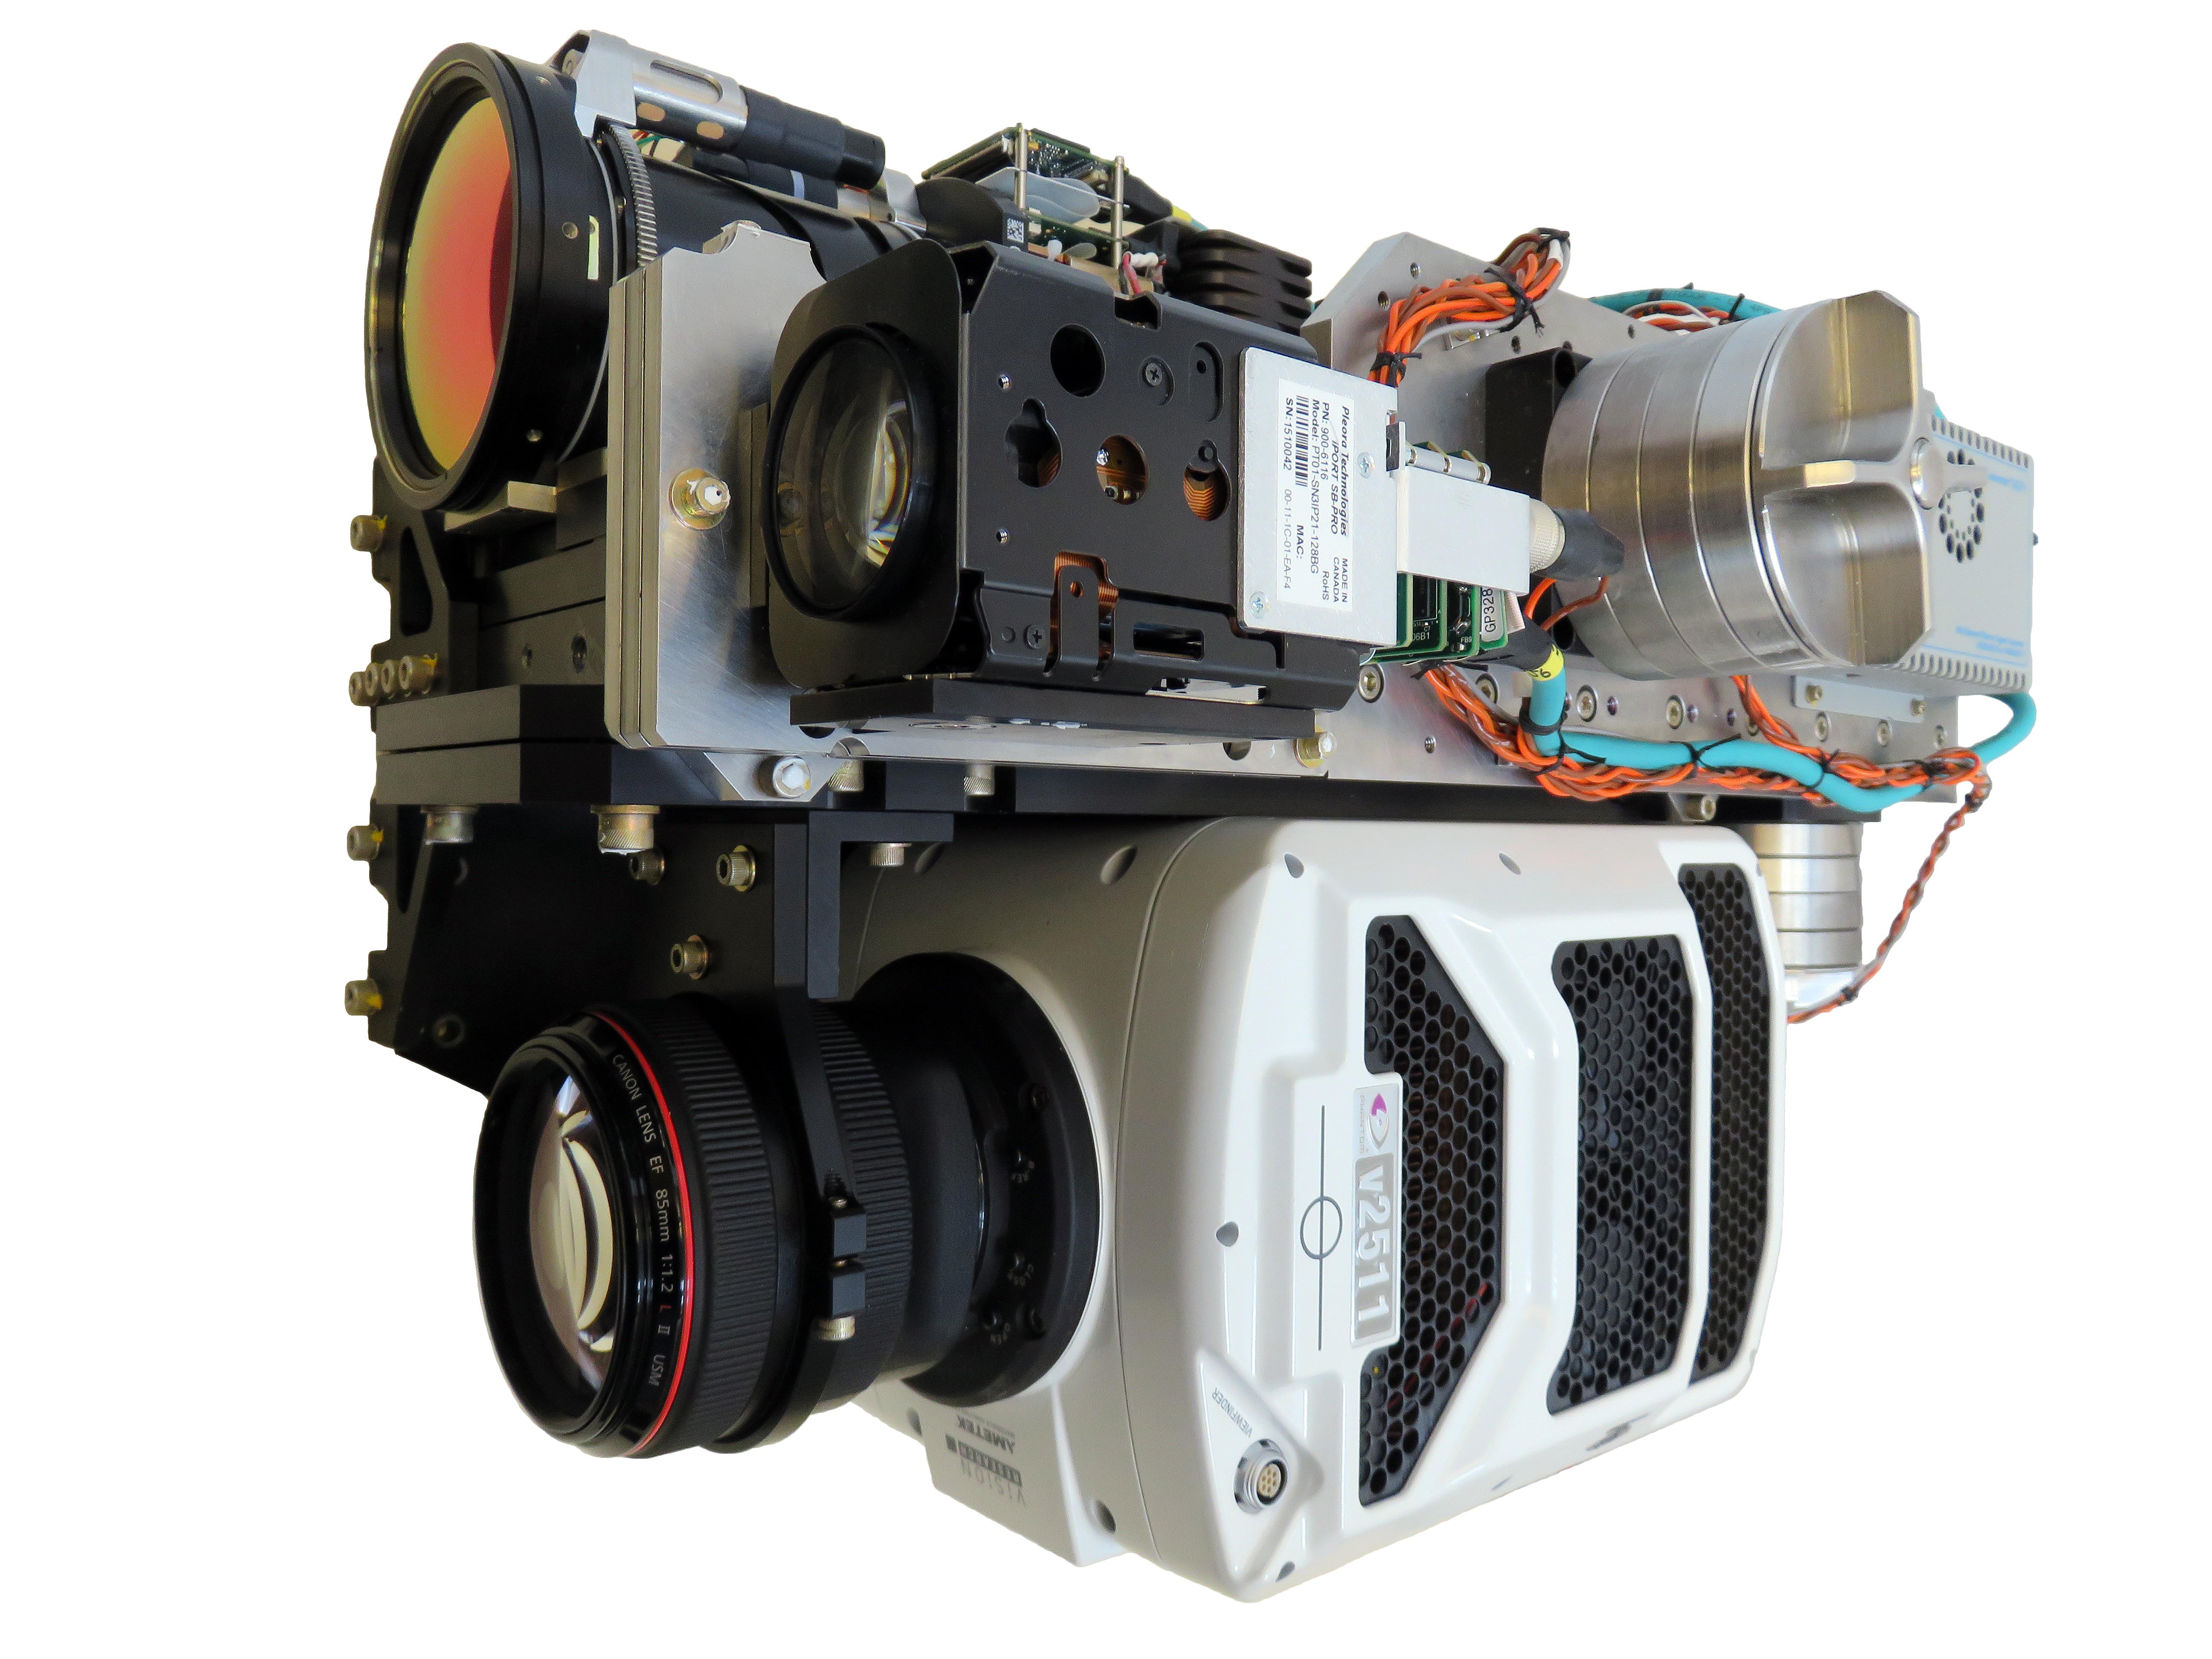 Multi-Spectral Sensor